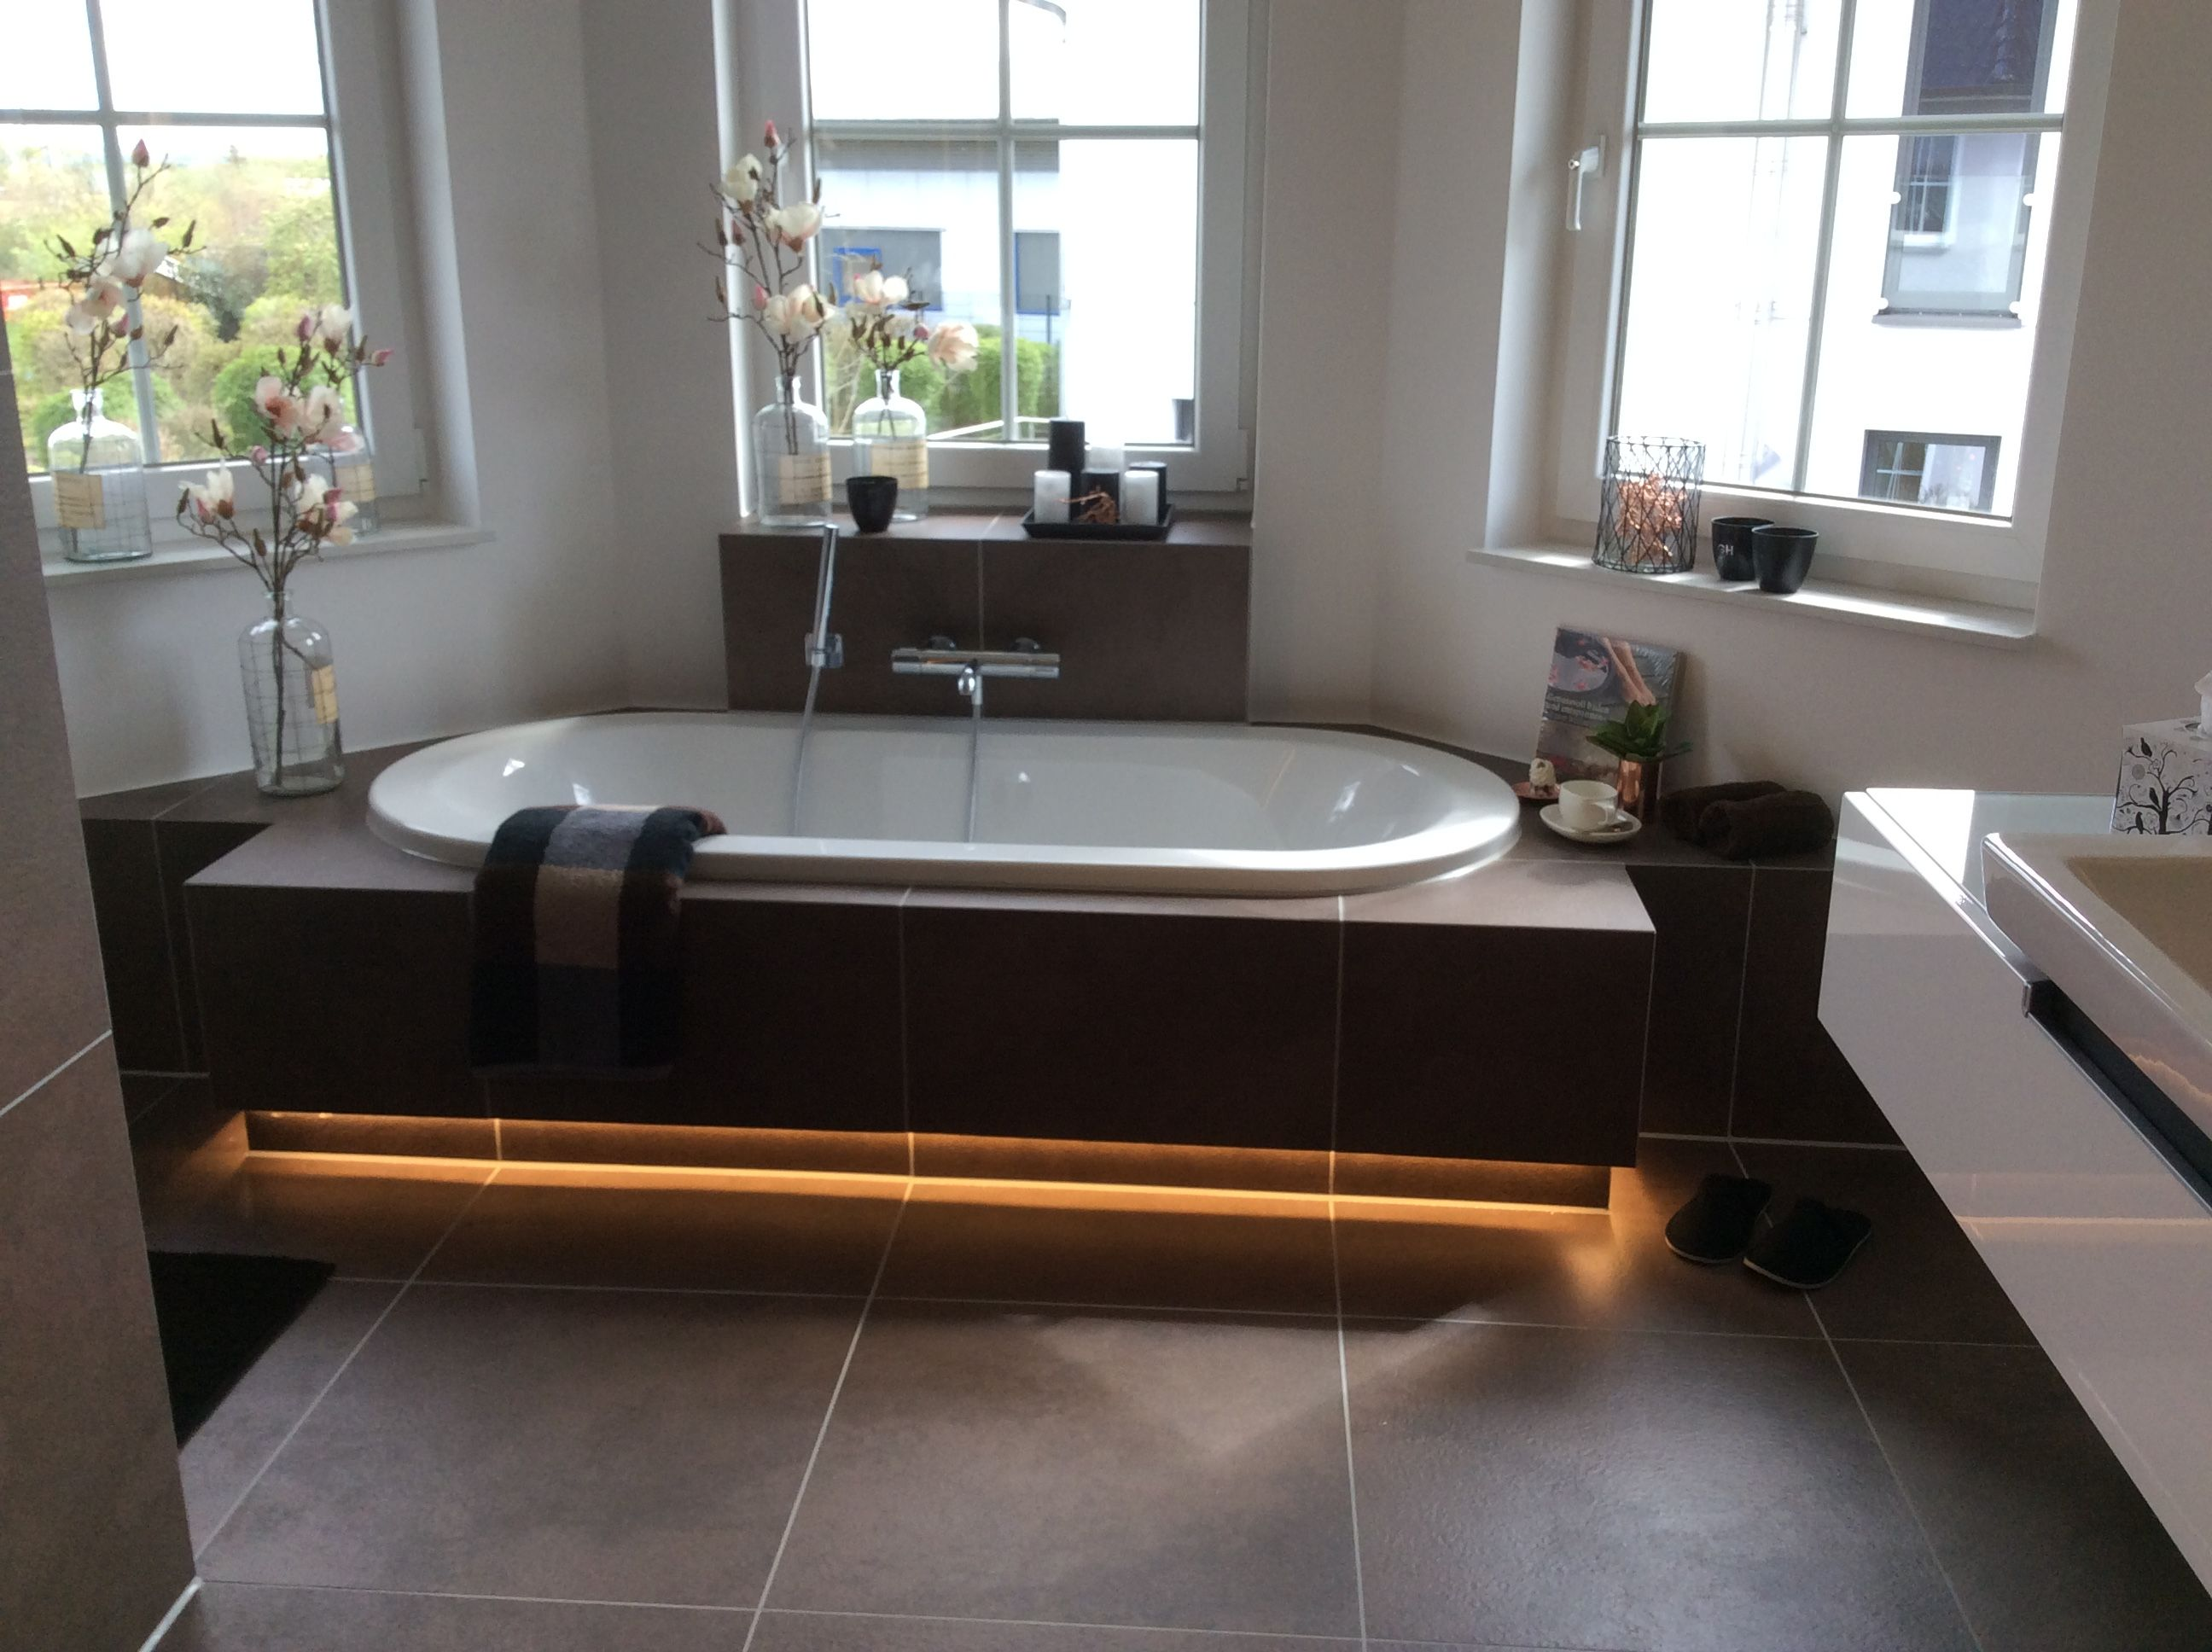 Badezimmer verlegen ~ Viebrockhaus e 455 kaarst wellness oase bad viebrock e 455